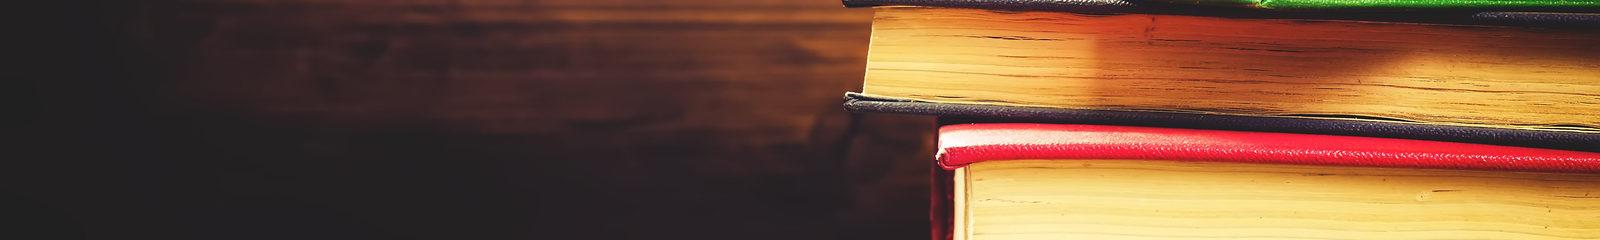 Knihovnička ve Skleněnce